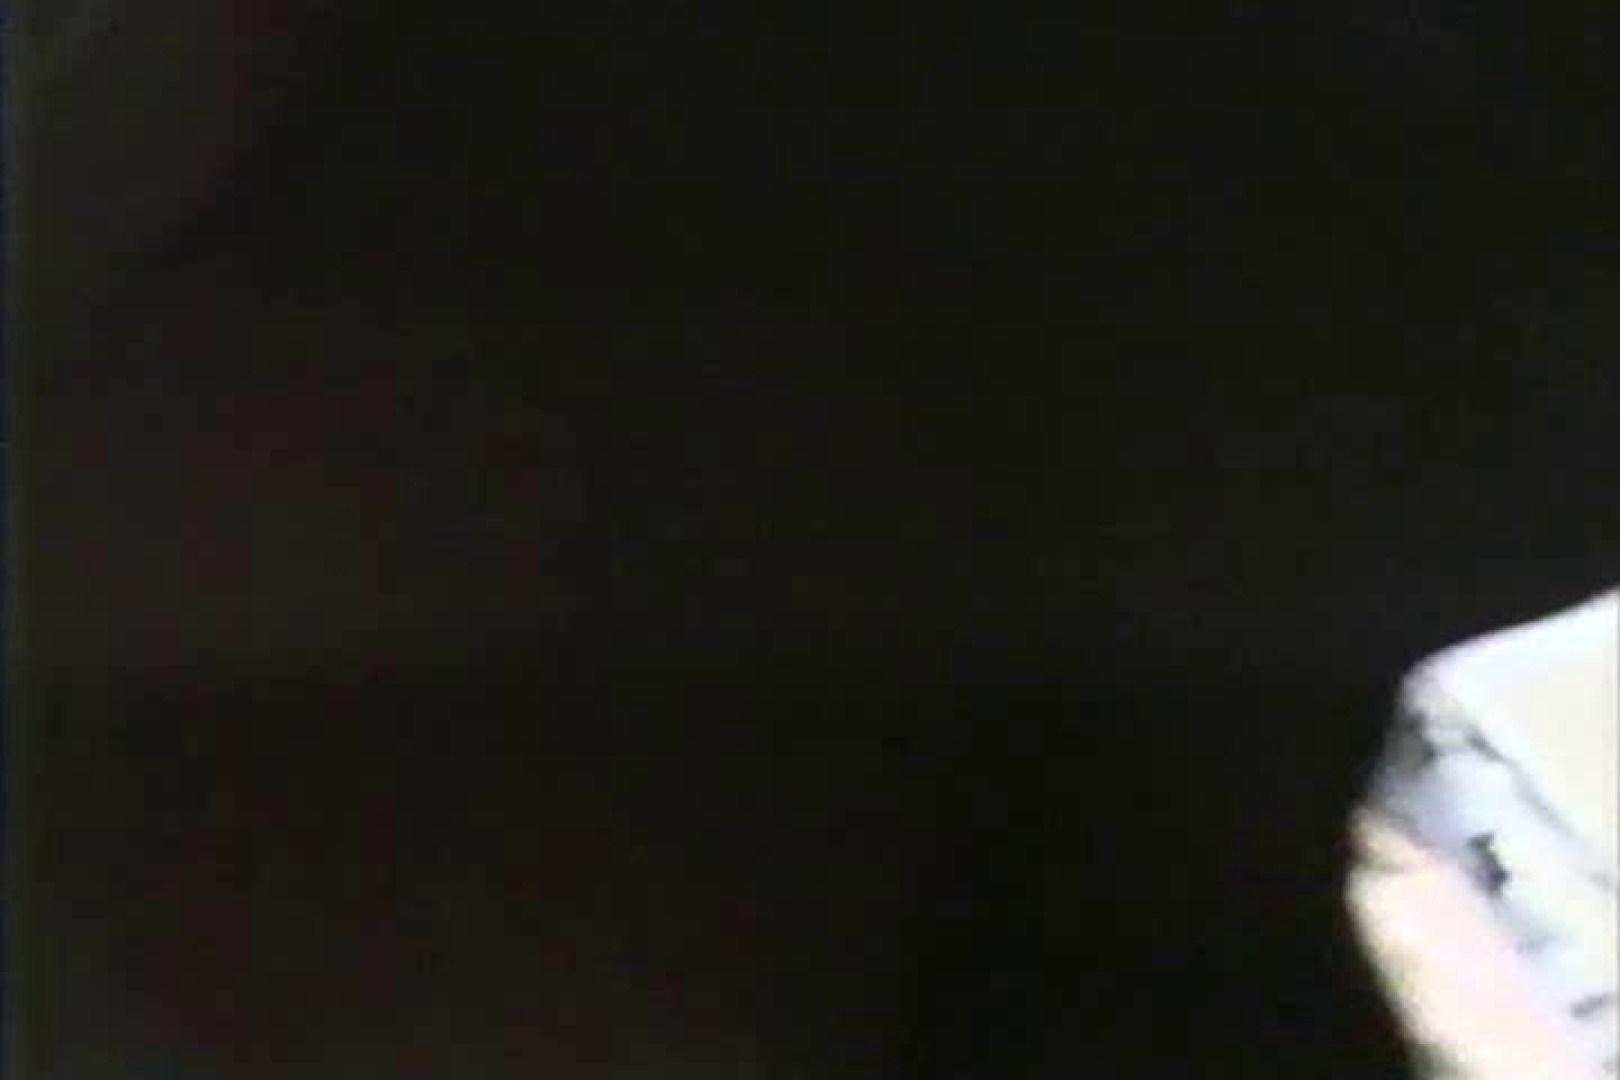 生パン逆さ撮りTK-021 0 | 0  37連発 22